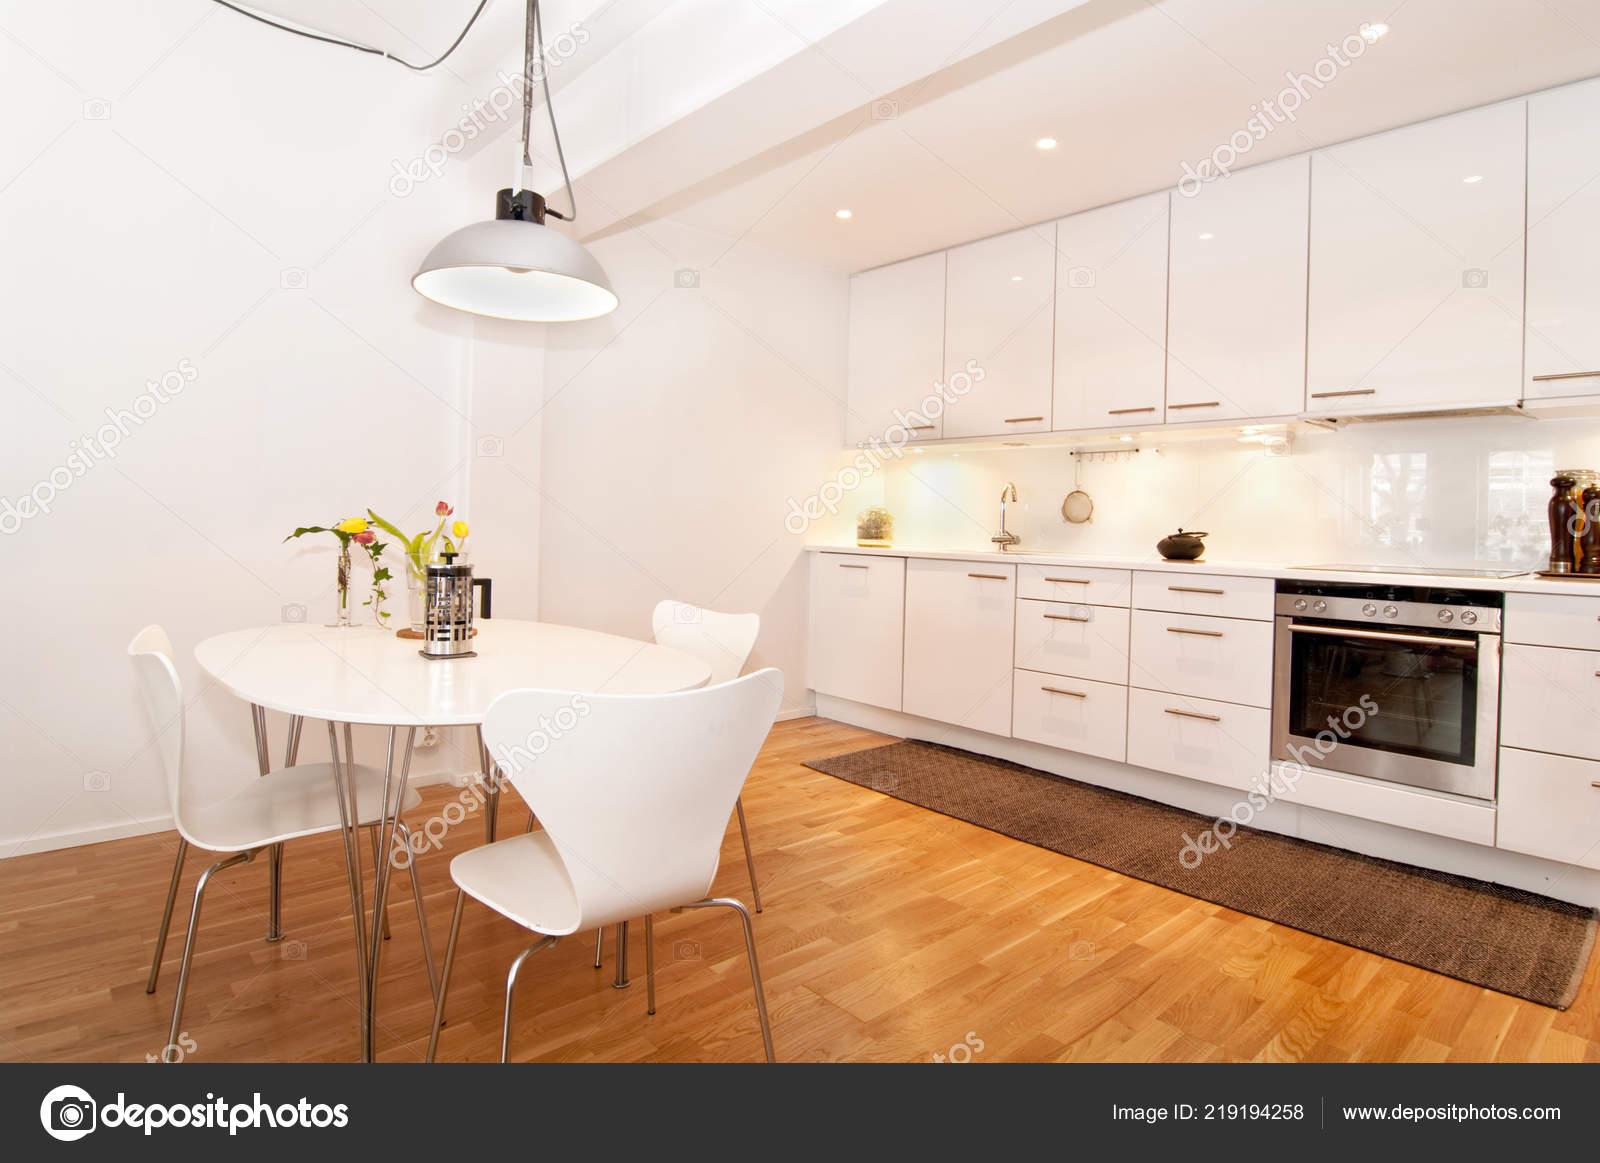 Interieur van een witte keuken met keukentafel u2014 stockfoto